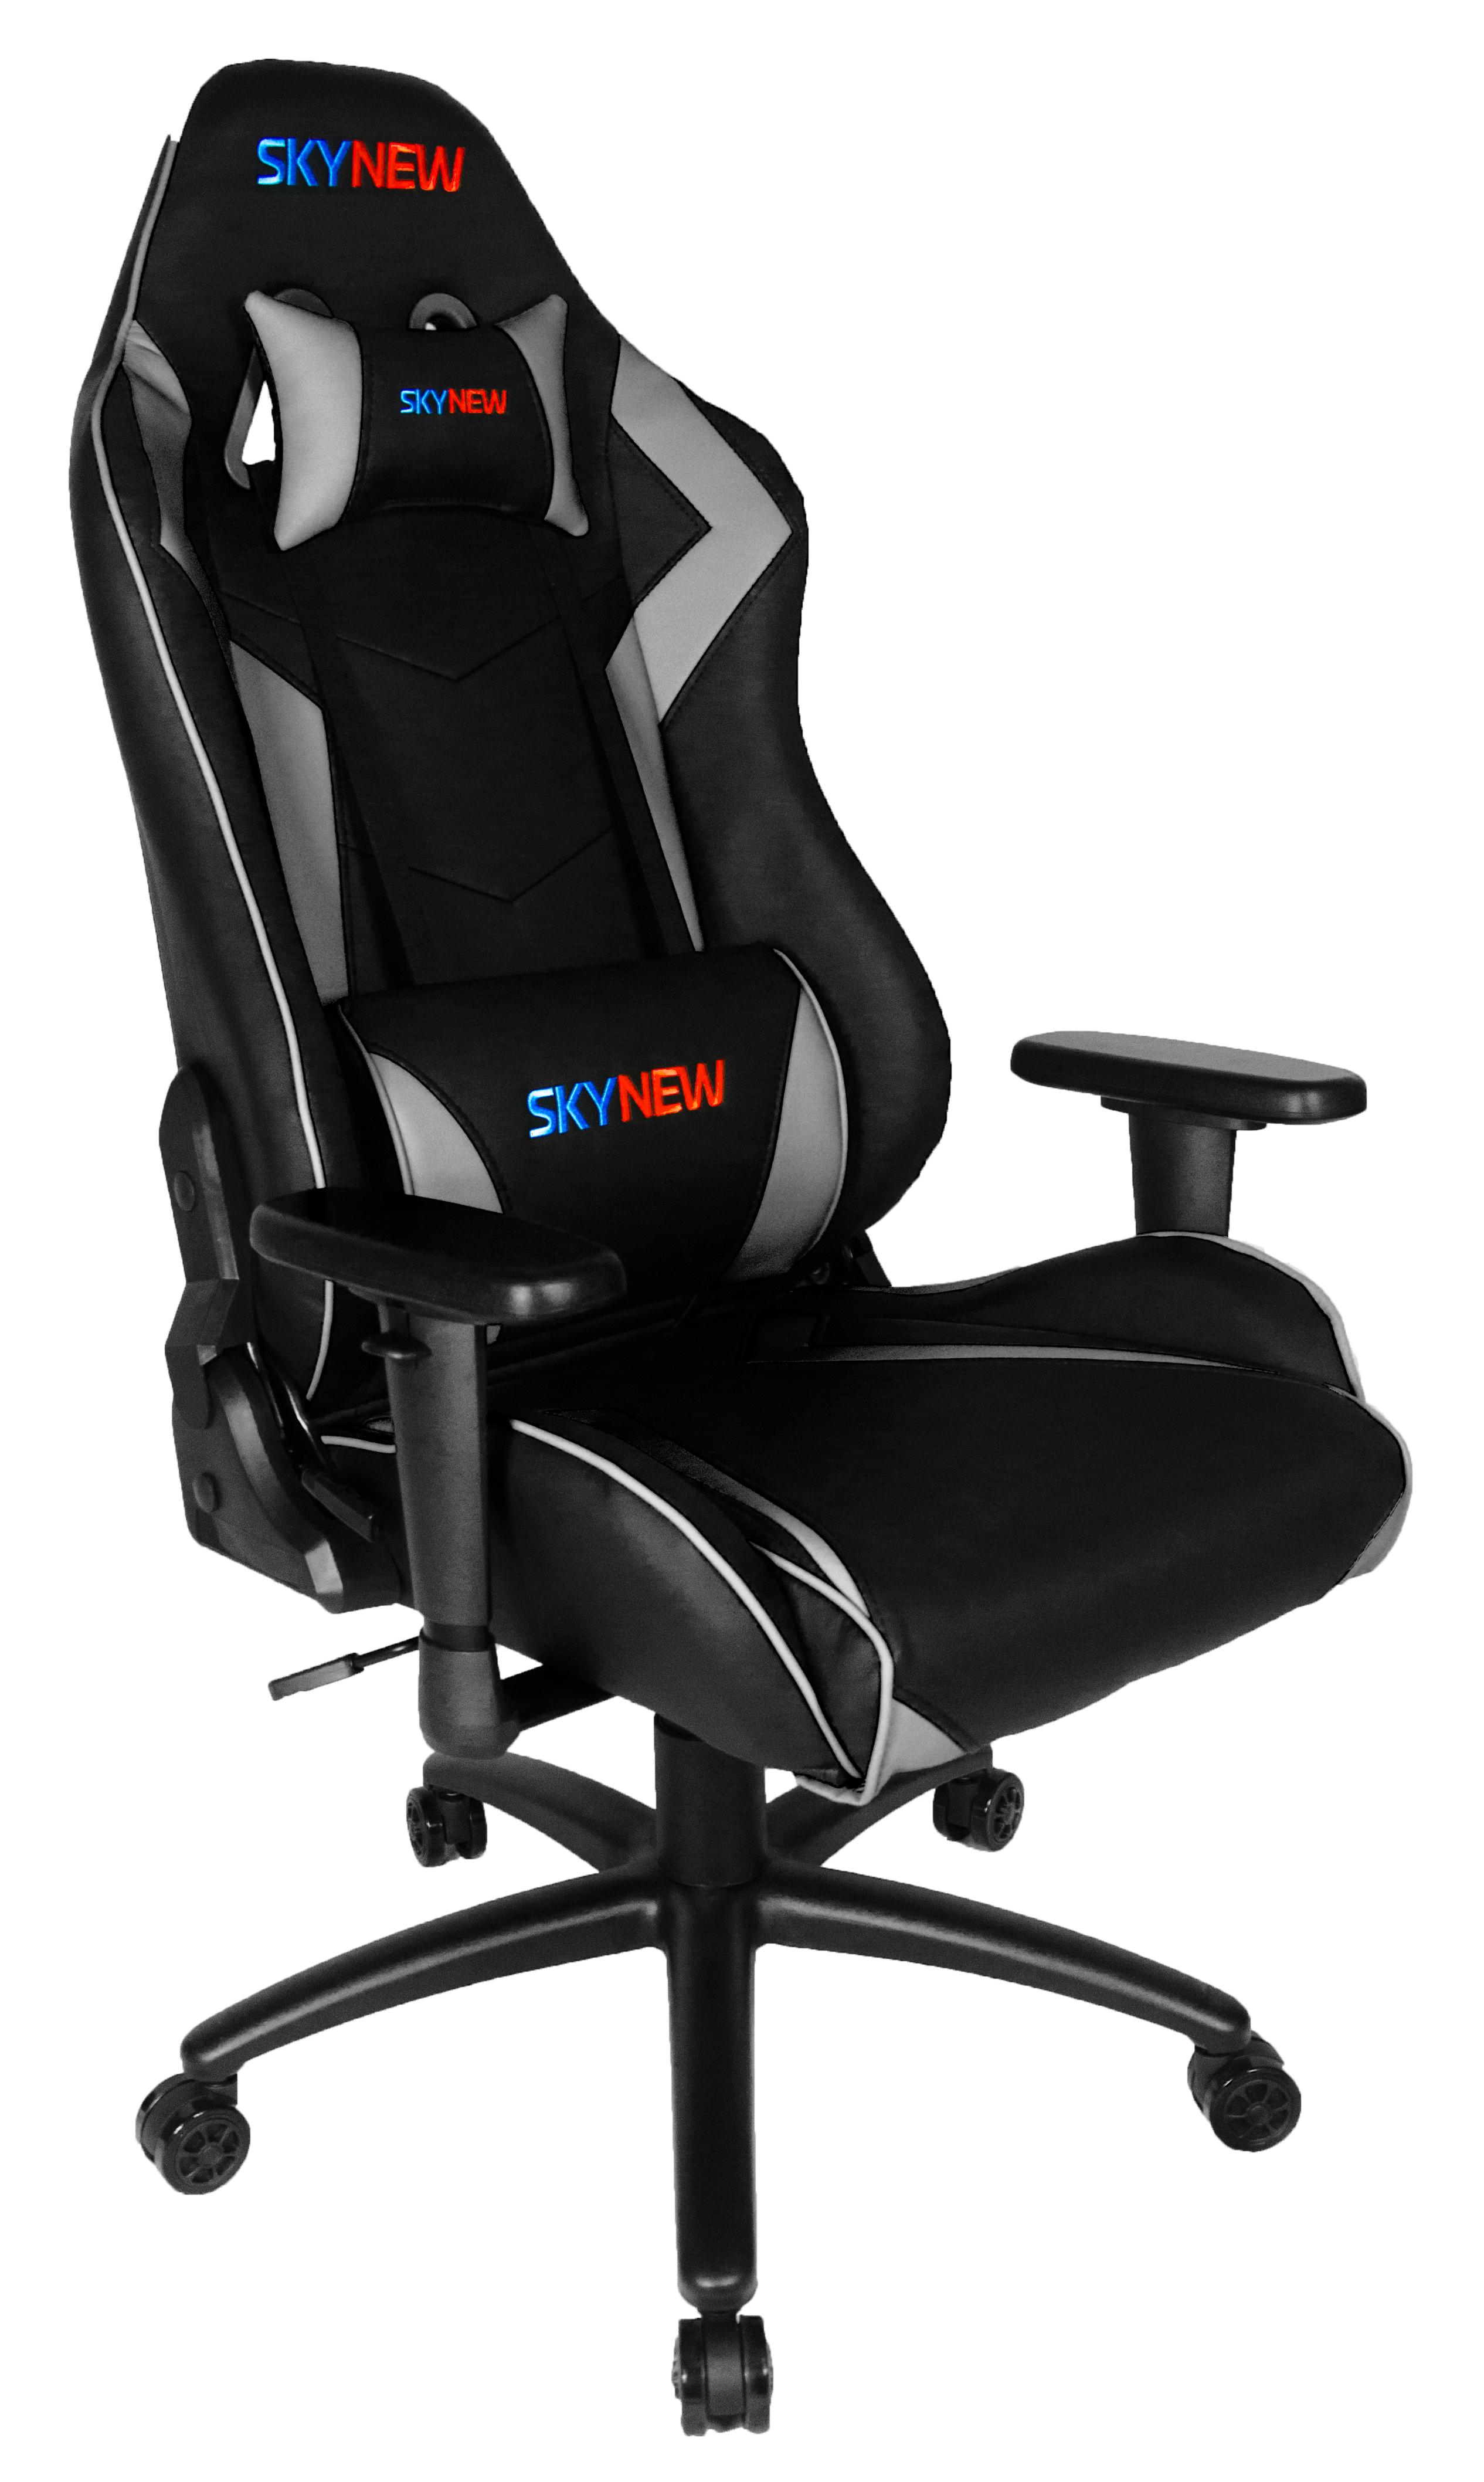 Stuhl GamingBüro Alpha SKYNEW Grau Schwarz SeriesVerA wP8XNn0Ok